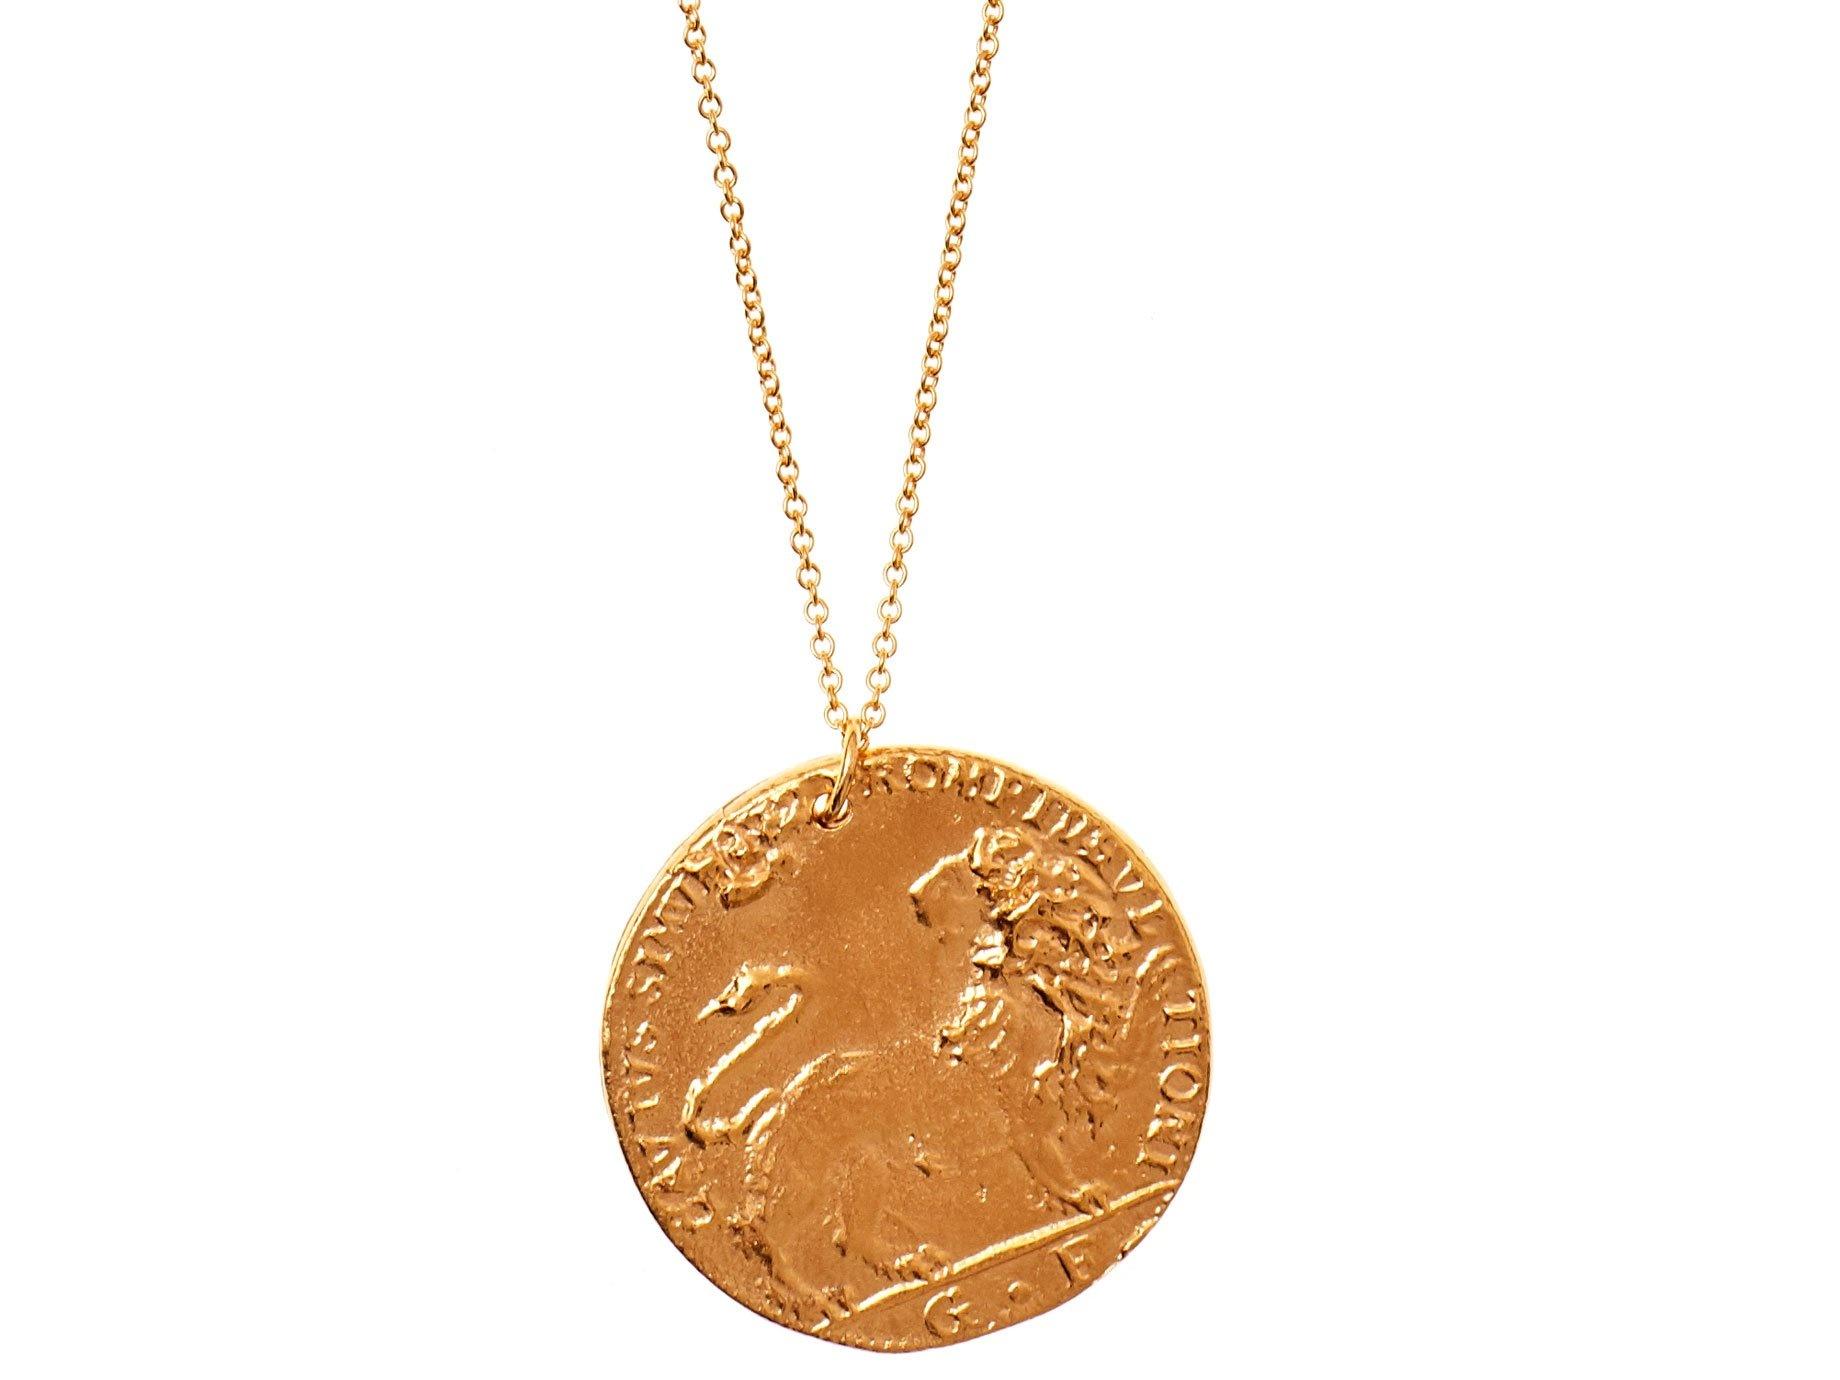 Alighieri Il Leone Medallion